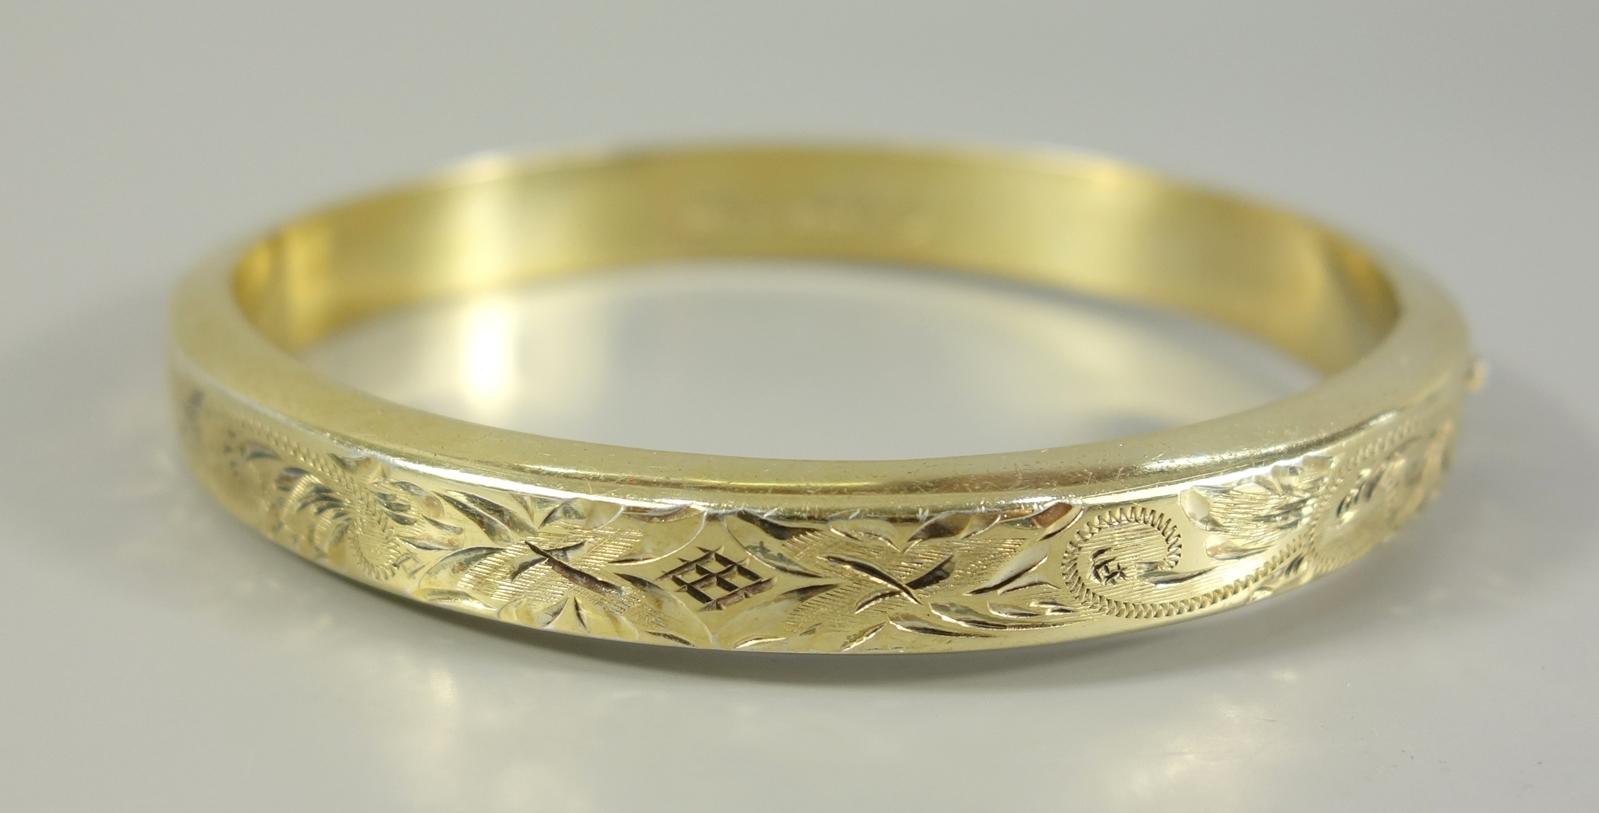 """Armreif, 835er Silber / vergoldet, Handarbeit, Gew.15,62g, ungedeutete Punze """"835 BG HANDARBEIT"""","""